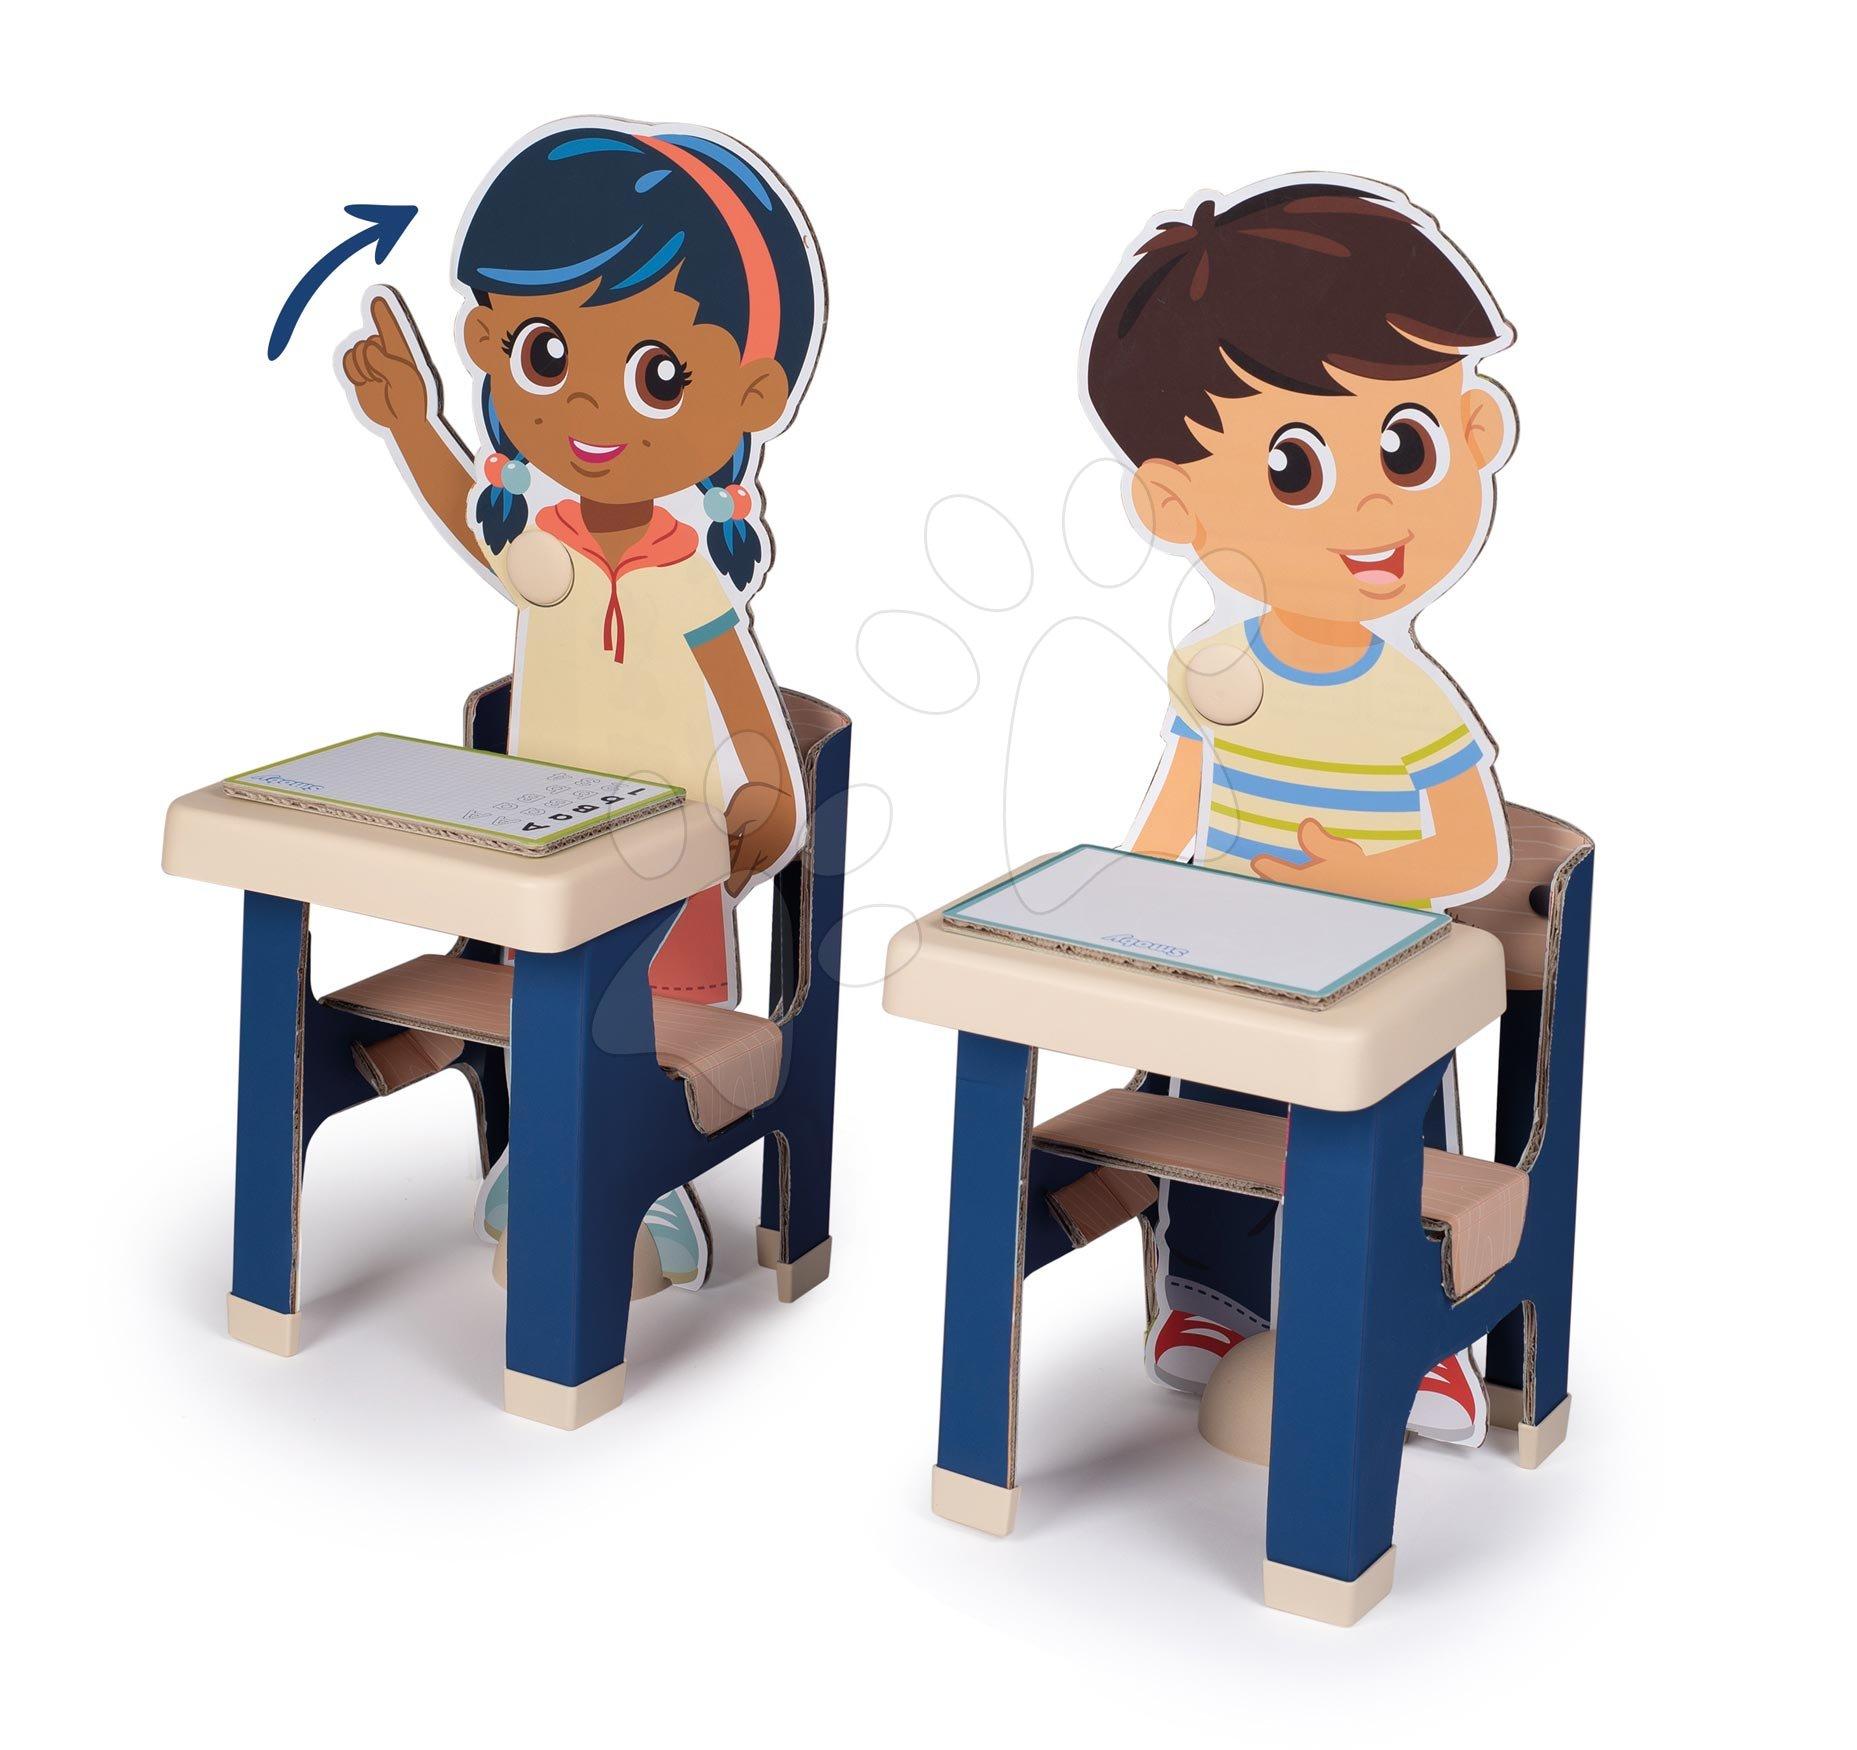 Školní lavice s žáky Classroom Smoby dva stoly a dvě děti s pohyblivýma rukama